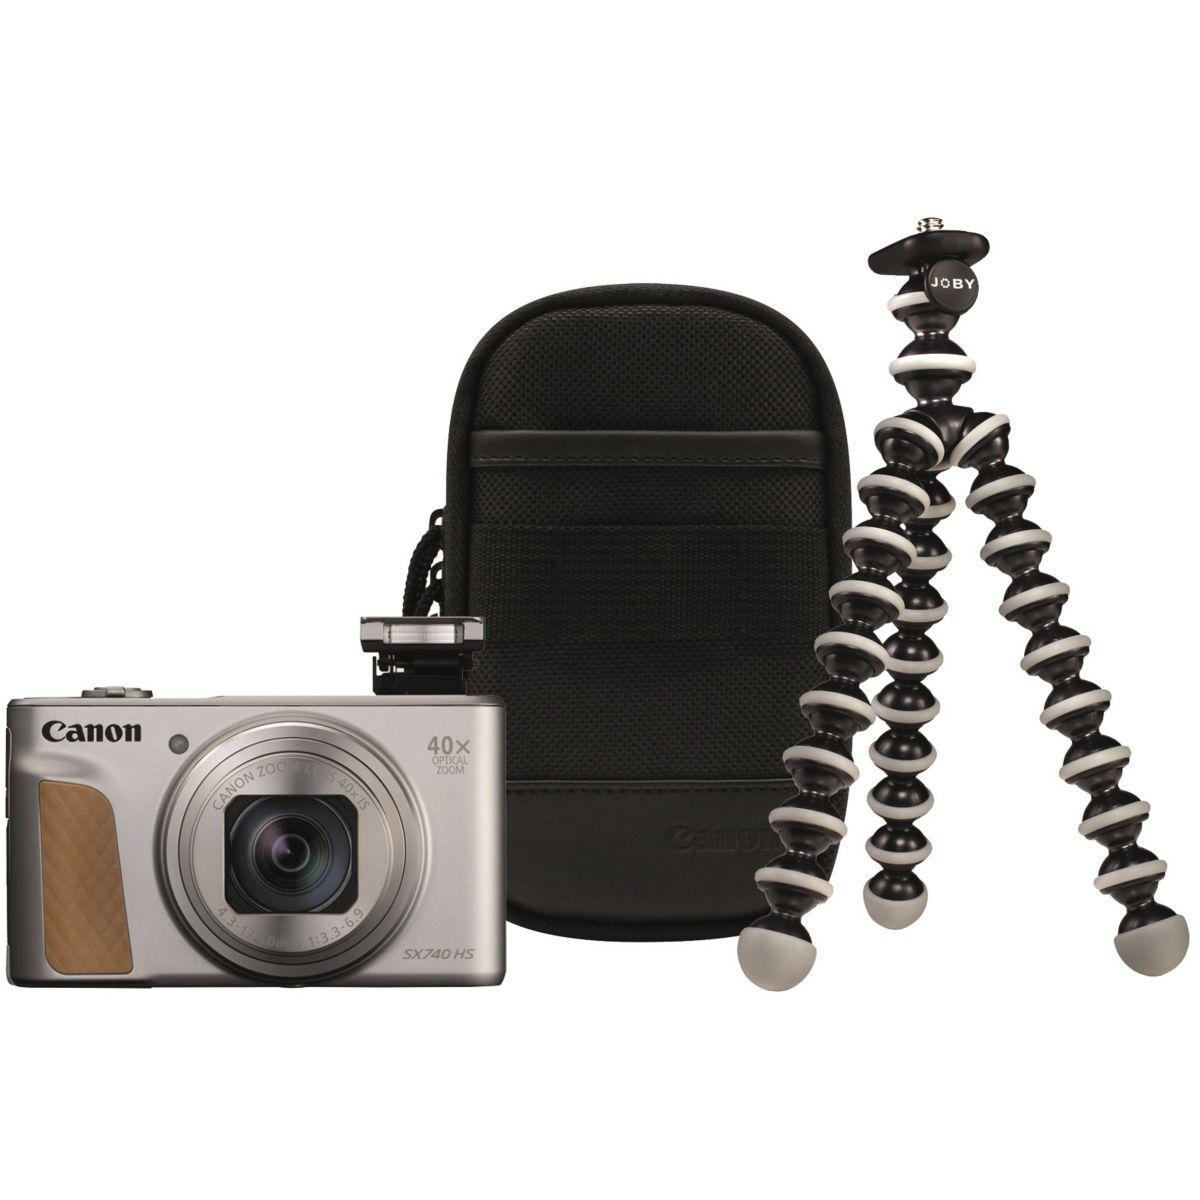 Appareil photo compact canon powershot sx740 hs argent+trepied+housse - livraison offerte : code premium